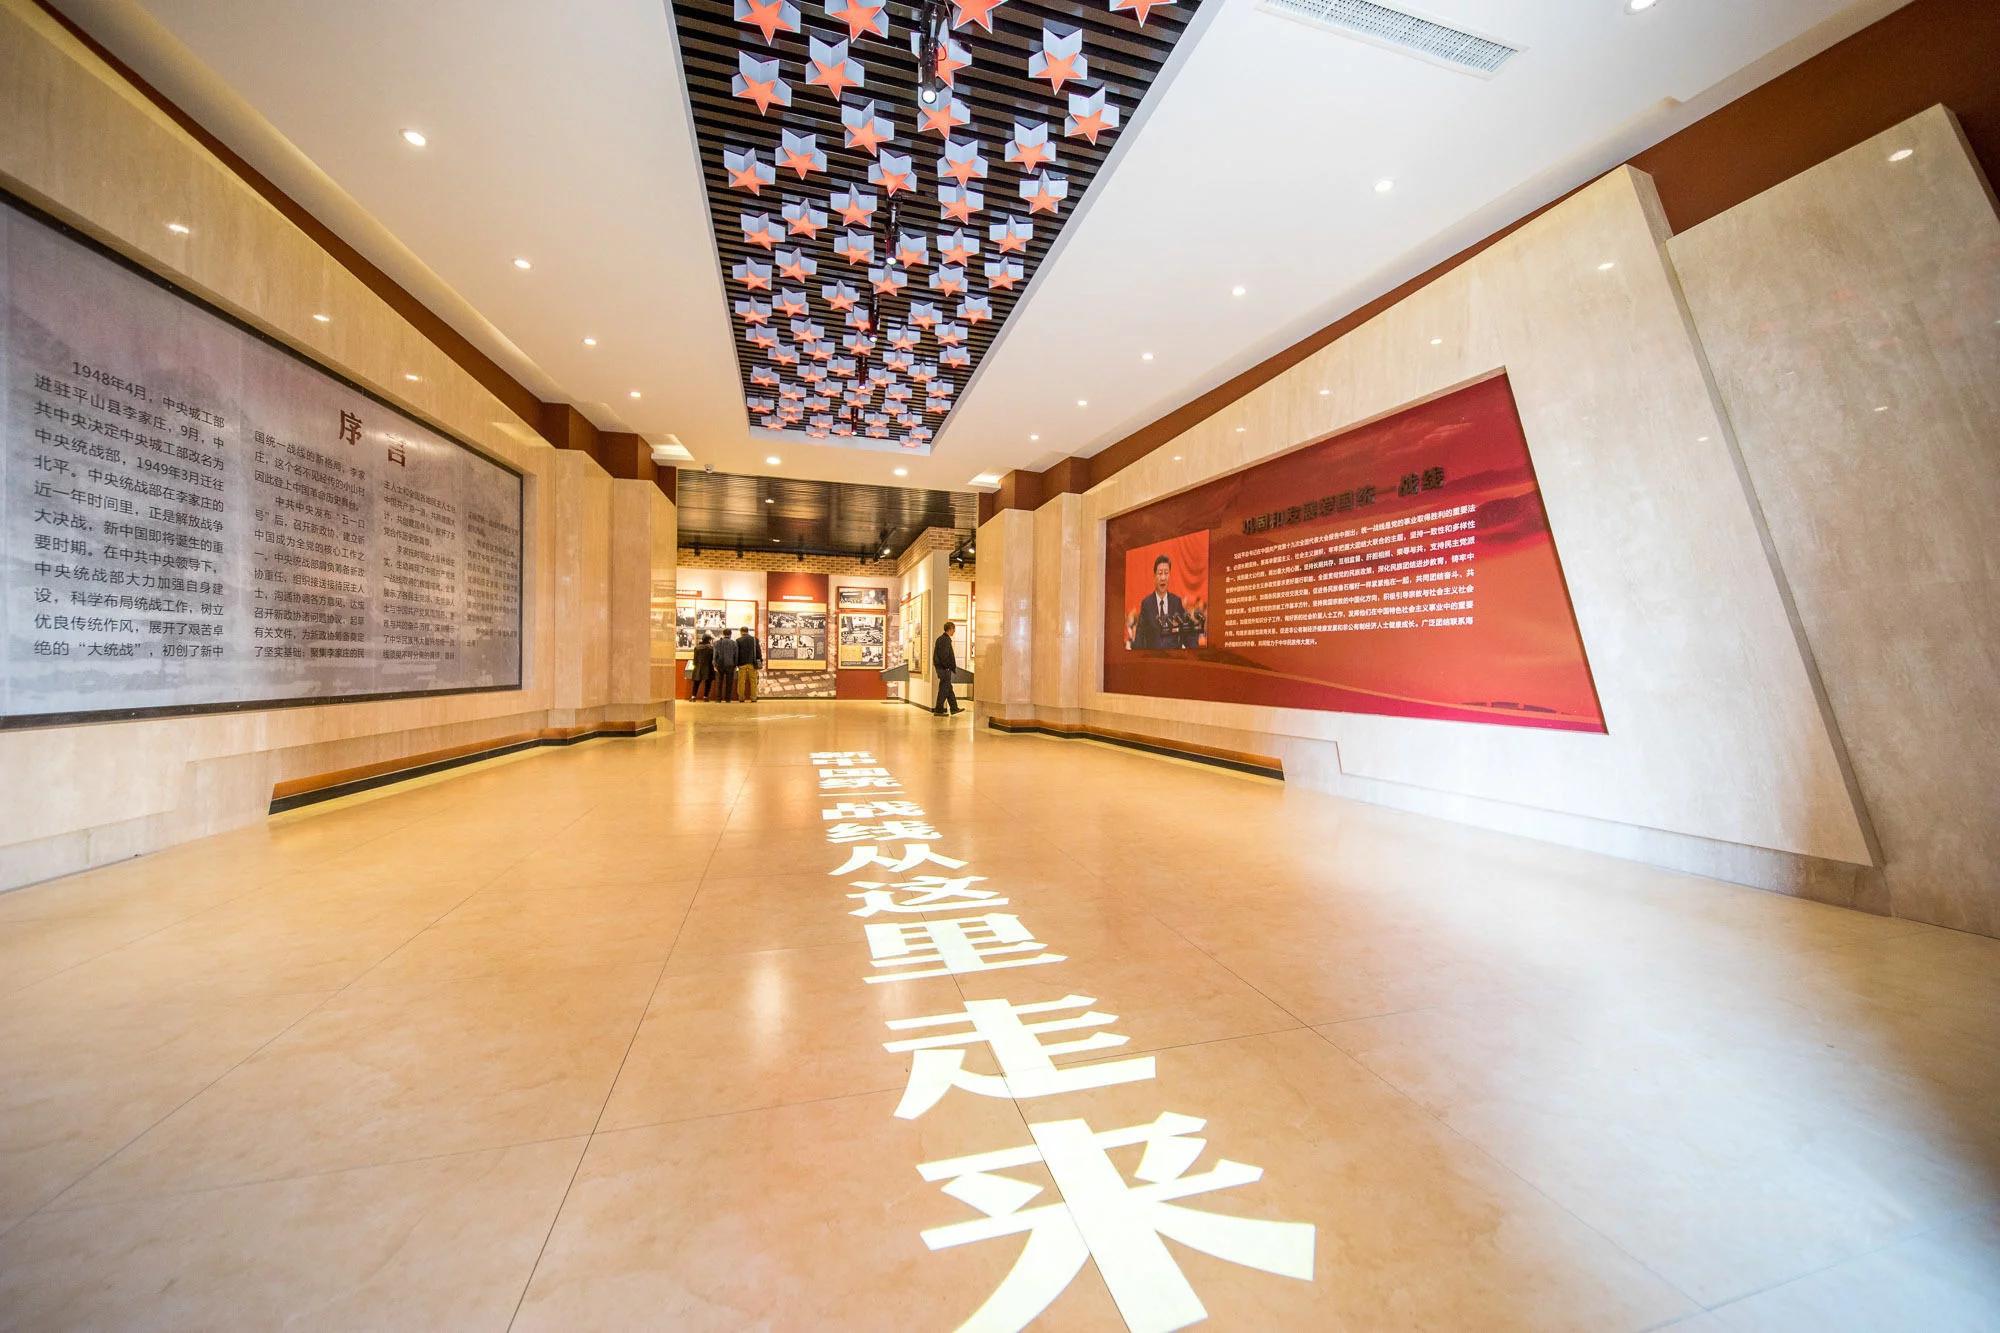 「西柏坡教育基地」之中央统战部旧址-新中国统一战线从这里走来